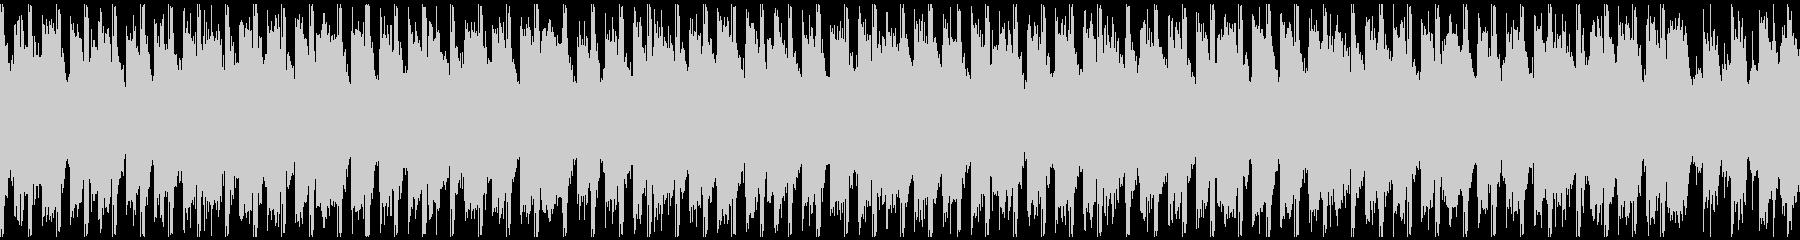 サマーポップ(ループ-30秒)の未再生の波形